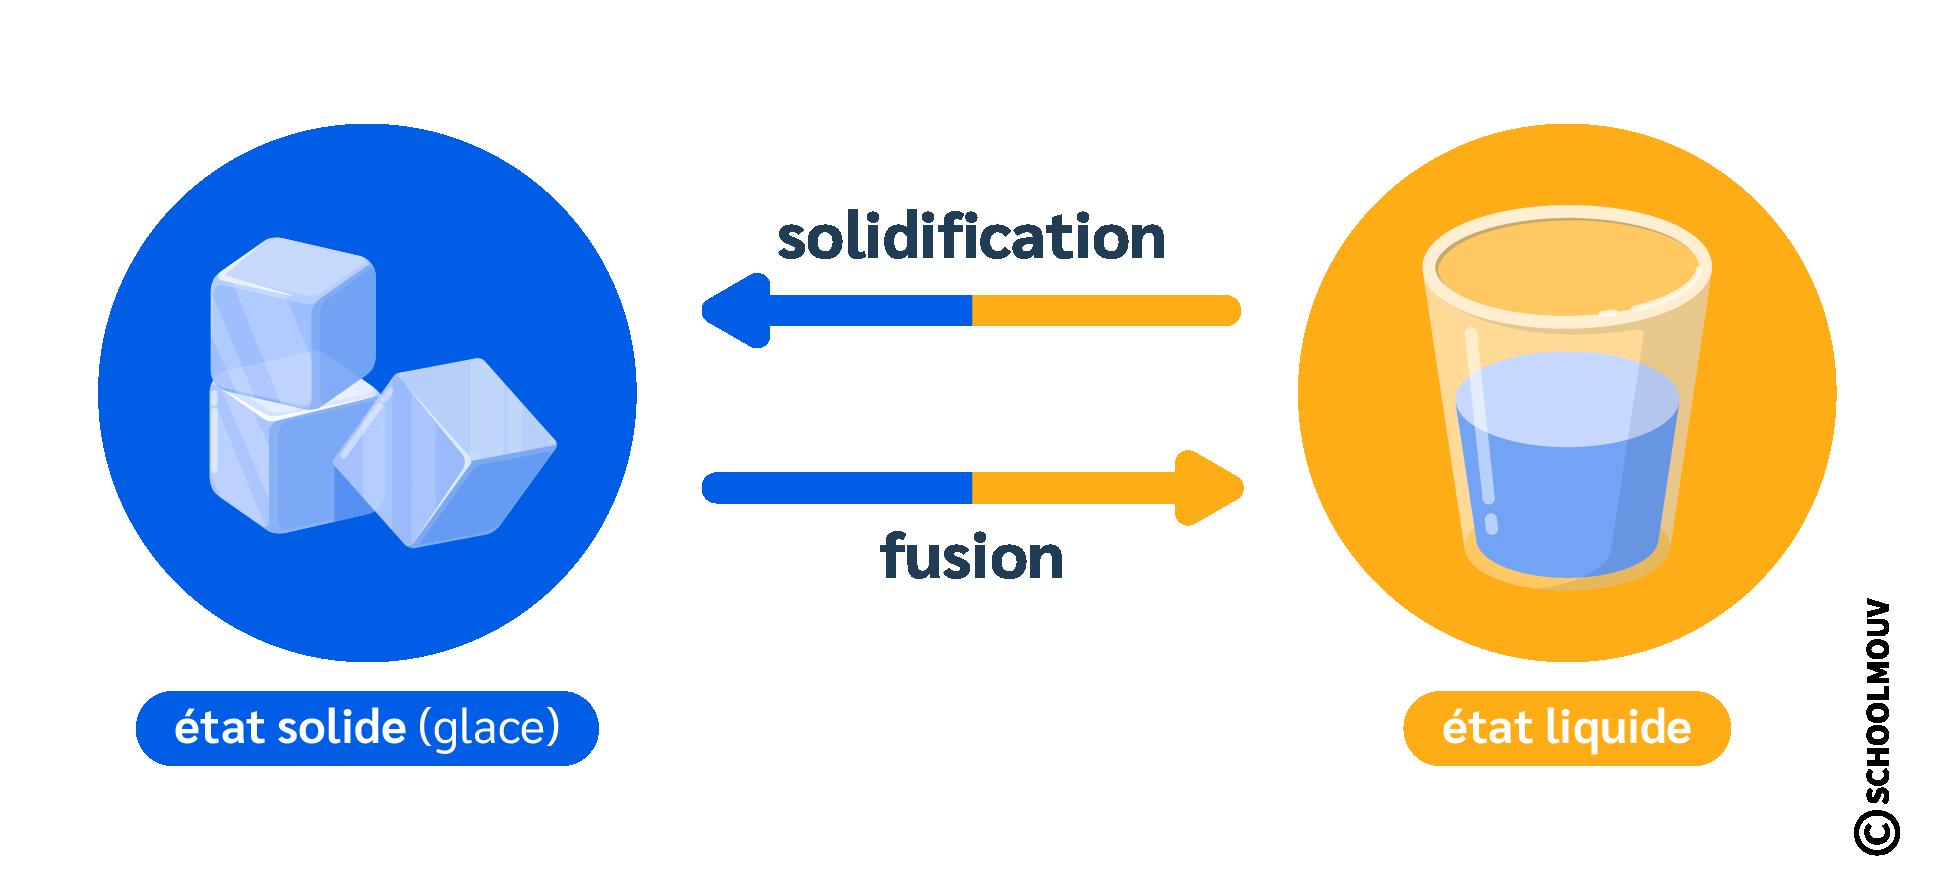 primaire cm2 sciences et technologie les états et les changements d'état de la matière solidification fusion